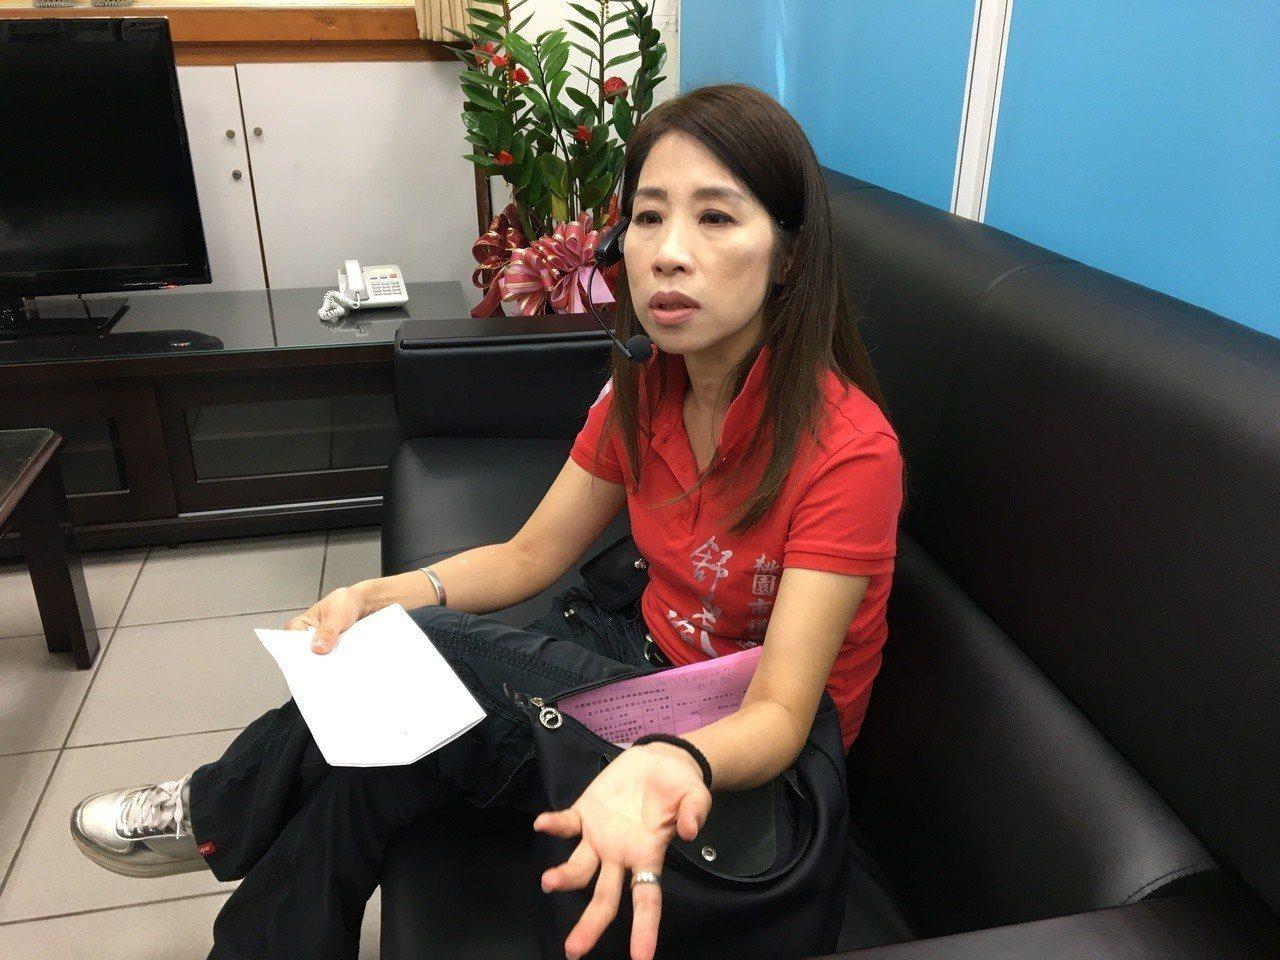 平鎮區議員舒翠玲咆哮公務員影片流出,她今天出面道歉,並說明前因後果。記者張裕珍/...